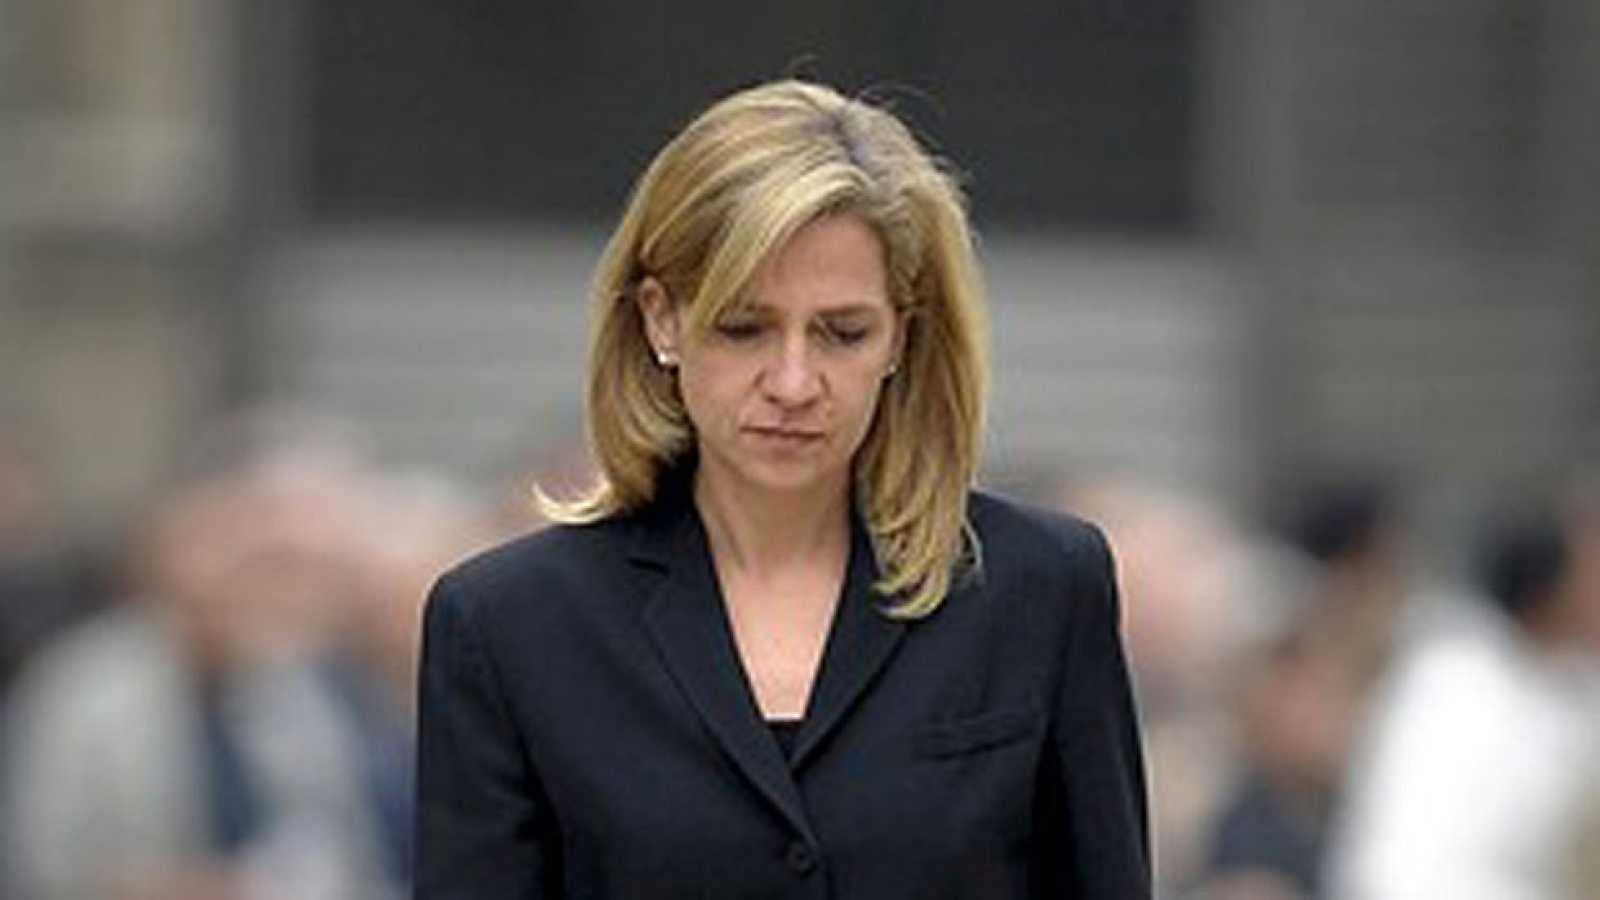 Felipe VI revoca el título de Duquesa de Palma a la Infanta Cristina